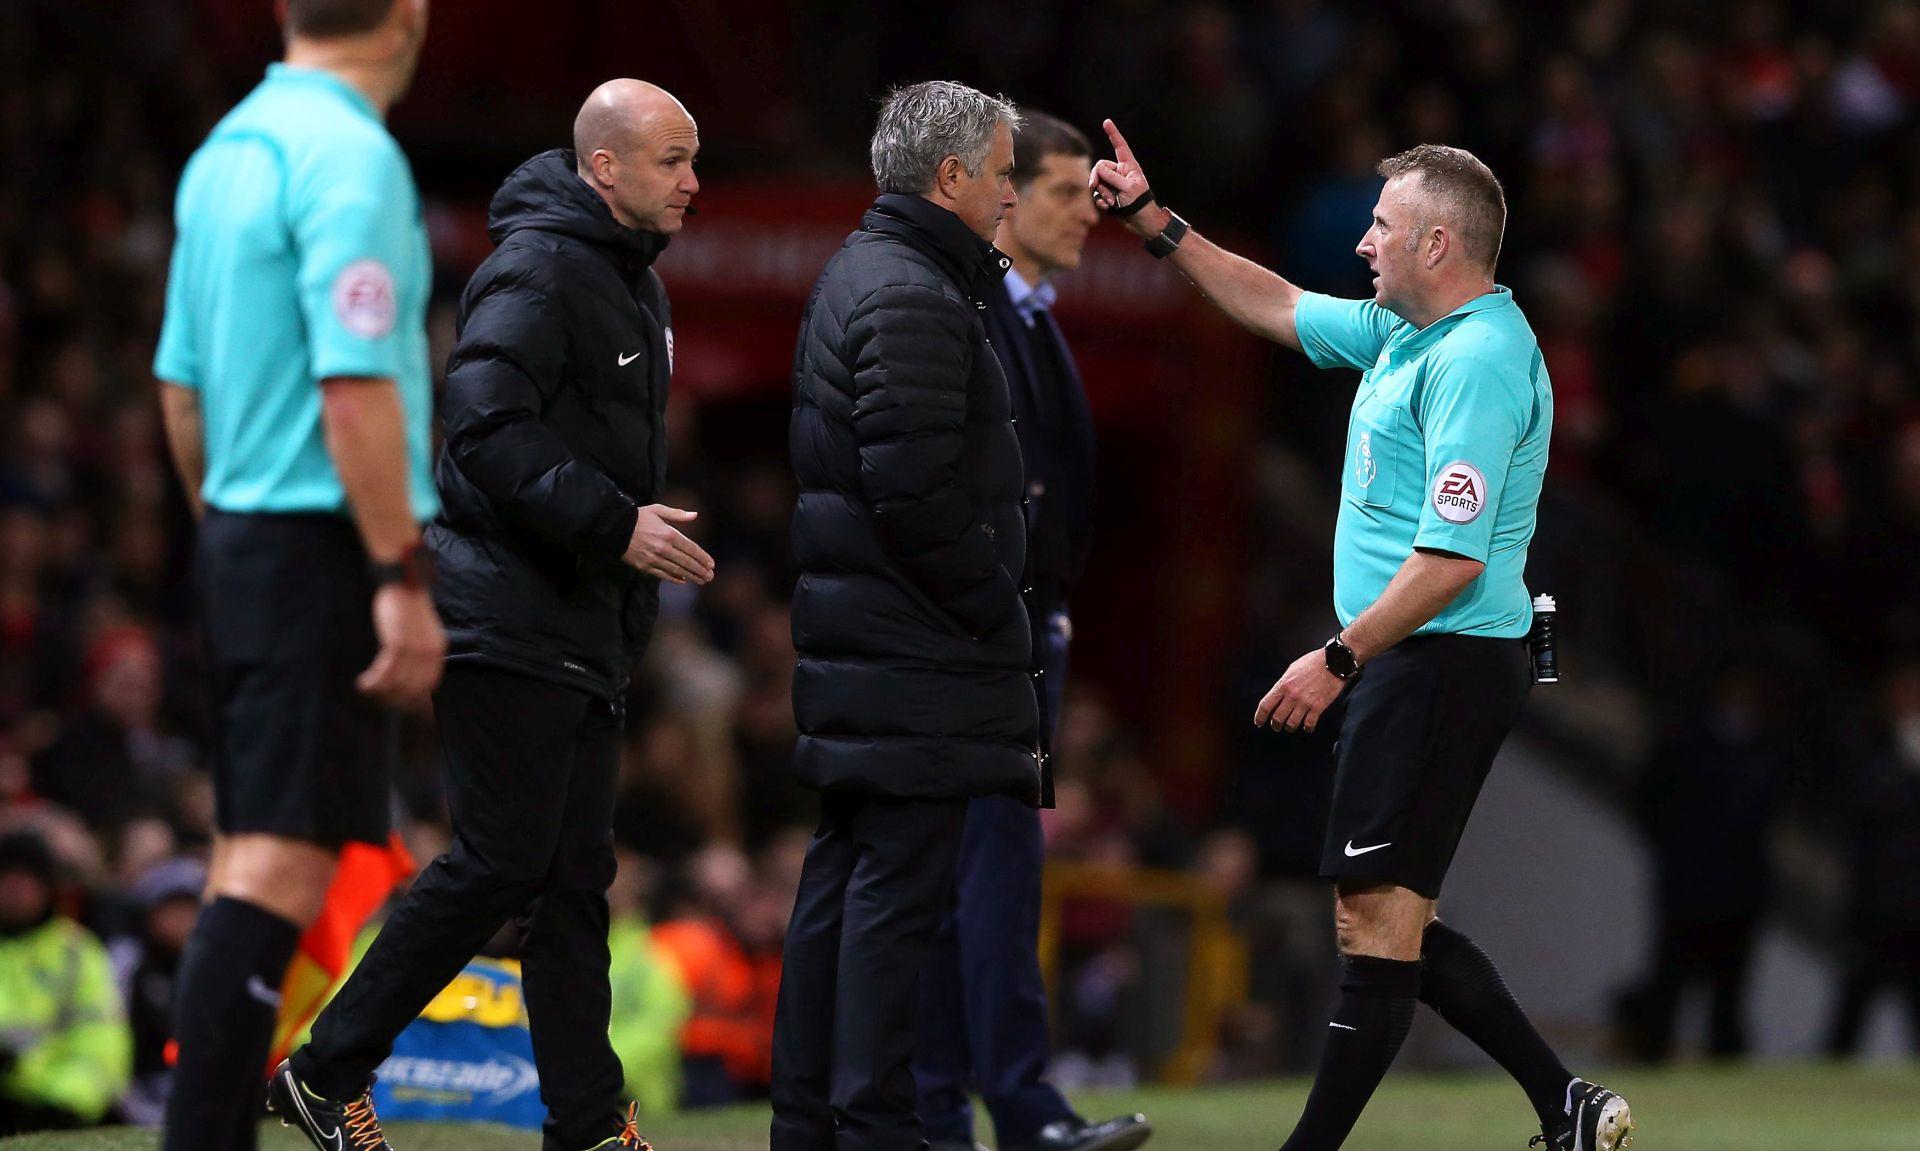 Engleski nogometni savez kaznit će Mourinha zbog 'neprimjerenog ponašanja'